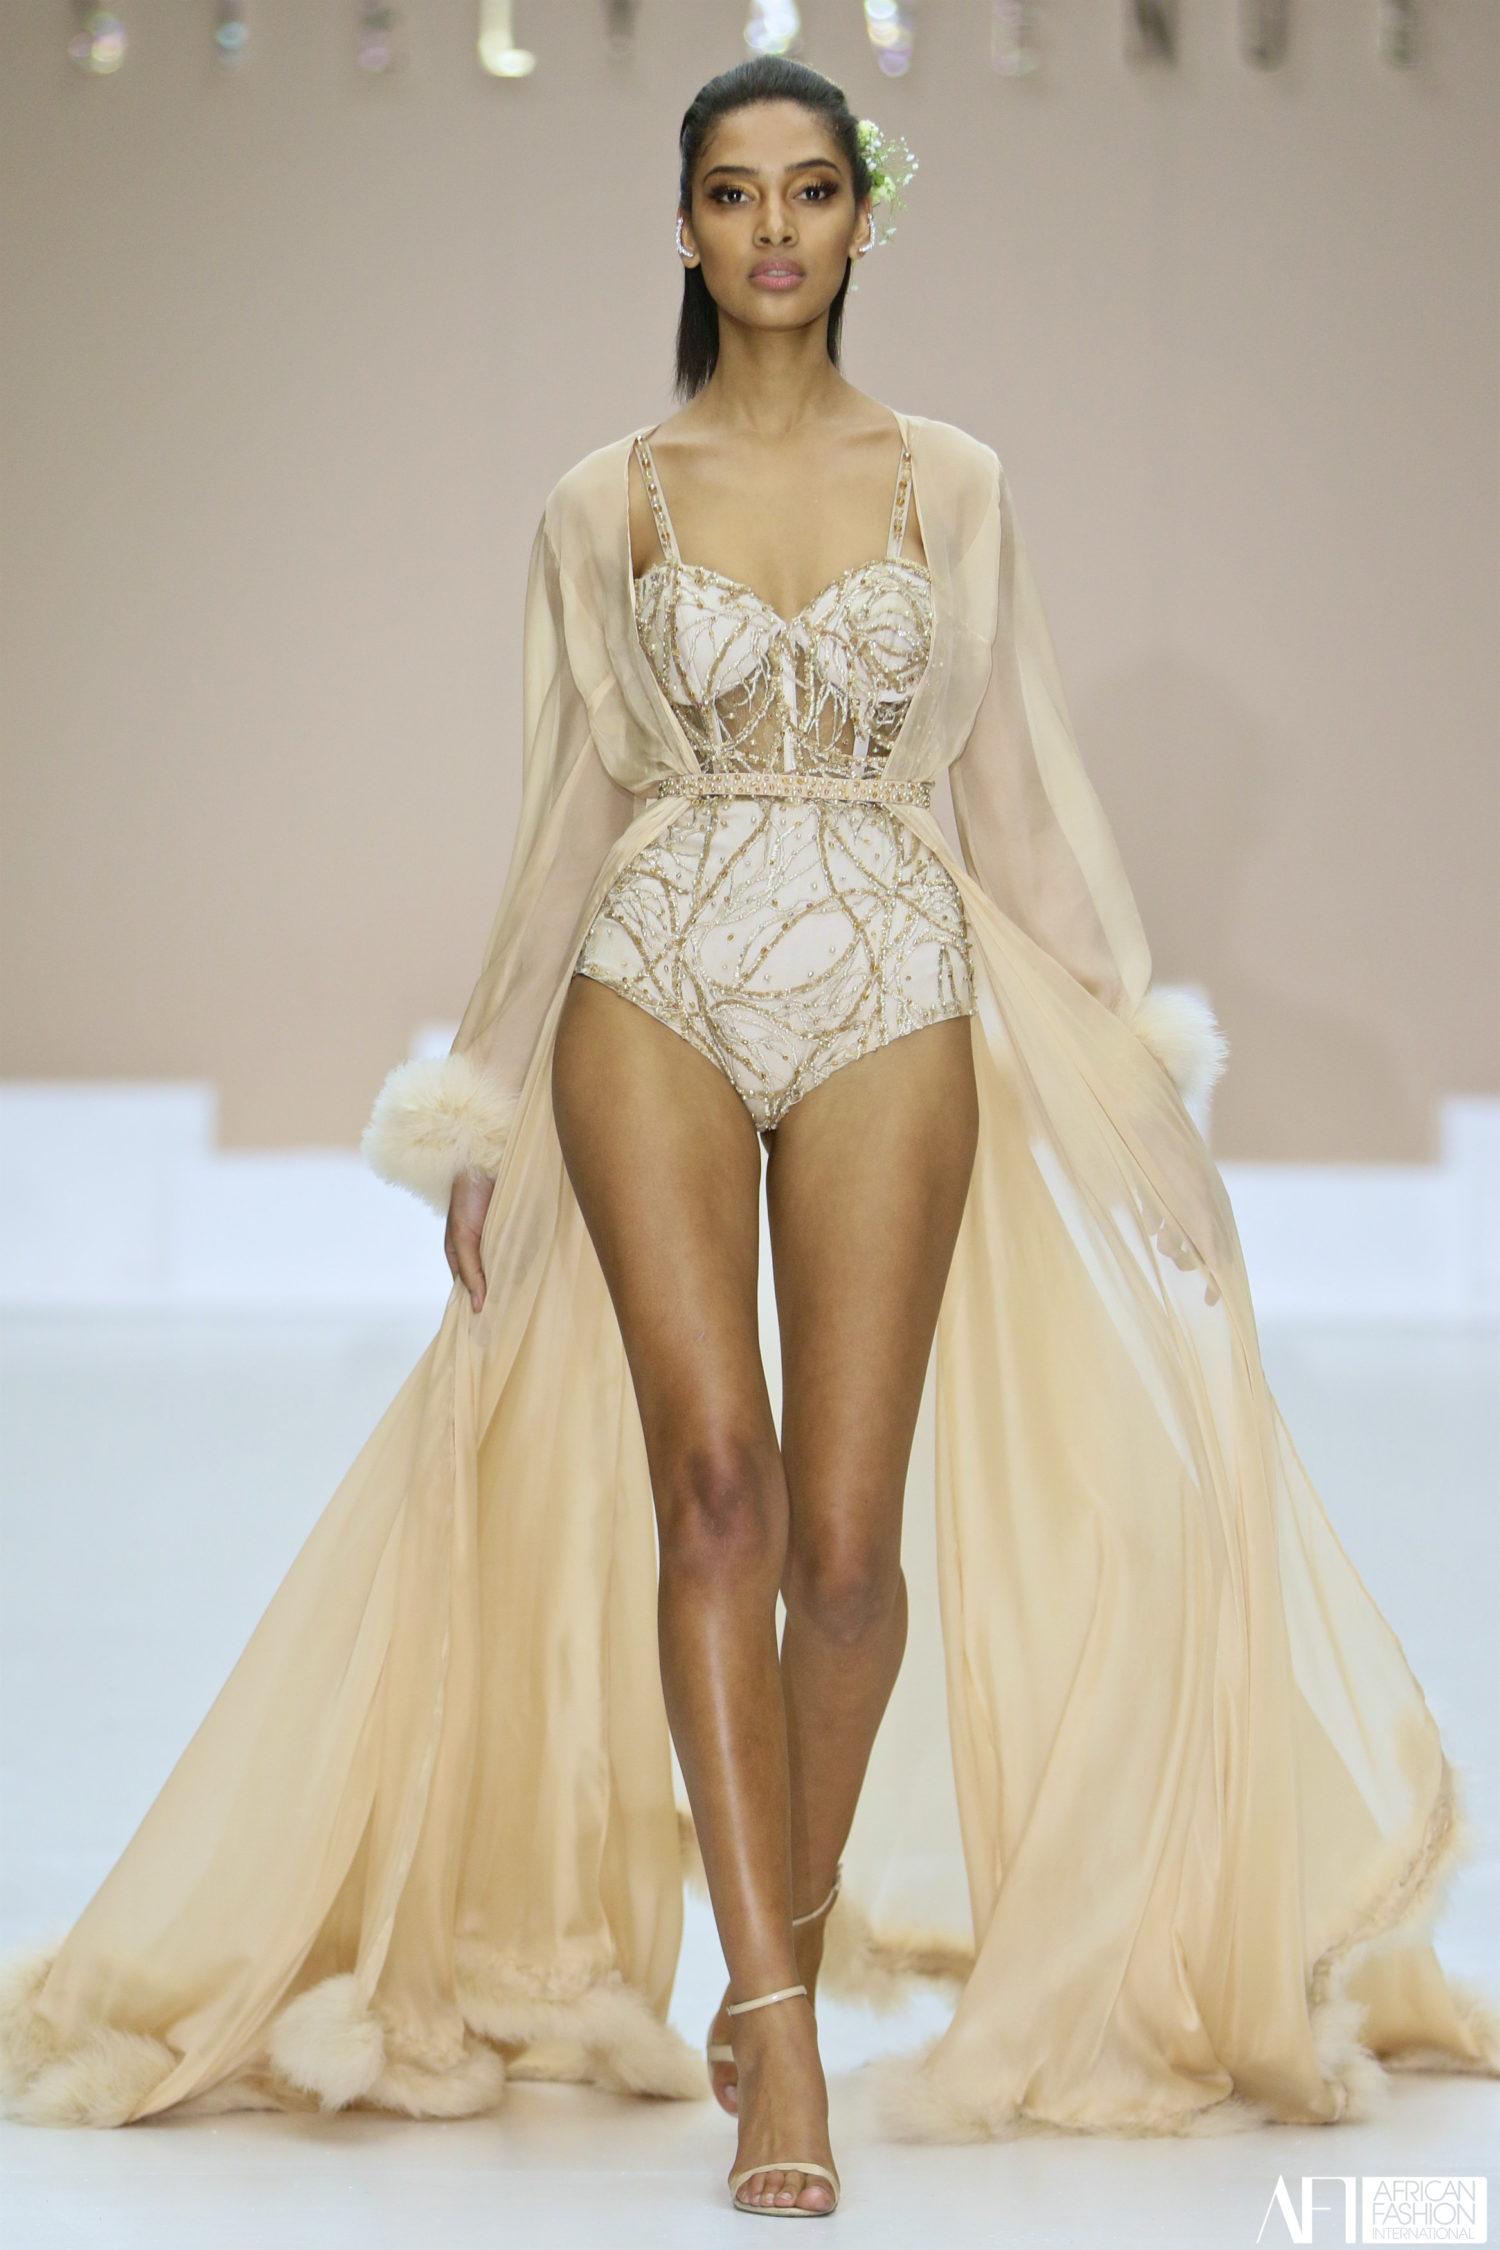 #AFICTFW19 | AFI Capetown Fashion Week Orapeleng Modutle